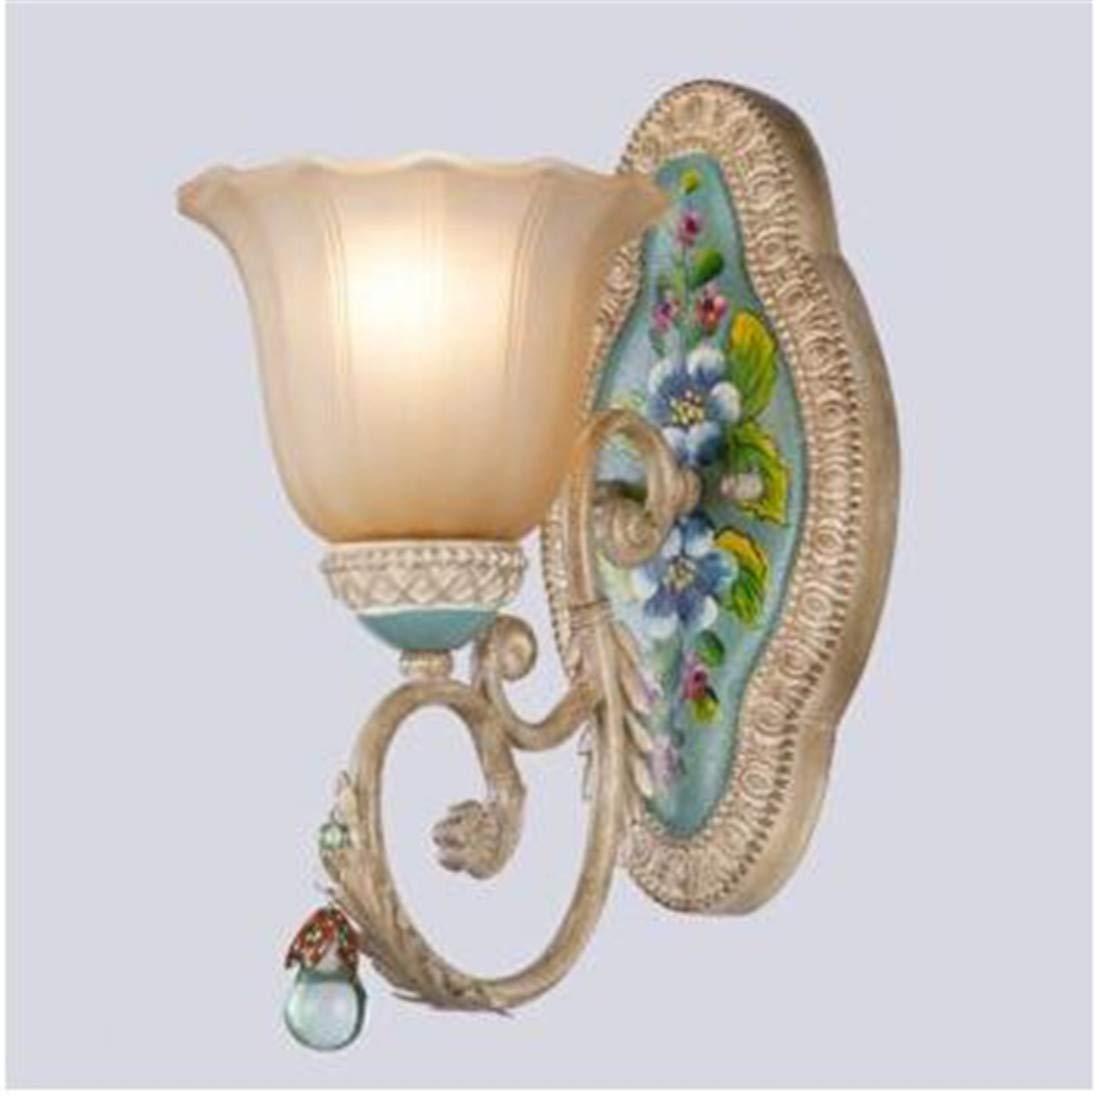 Intage Kronleuchter, Wohnzimmer Wandleuchten Antike Mittelmeer Schlafzimmer Schlafzimmer Nachtwandleuchten illage Kristallwand-Lampen-Gang-Wand Dual Head, Single Head